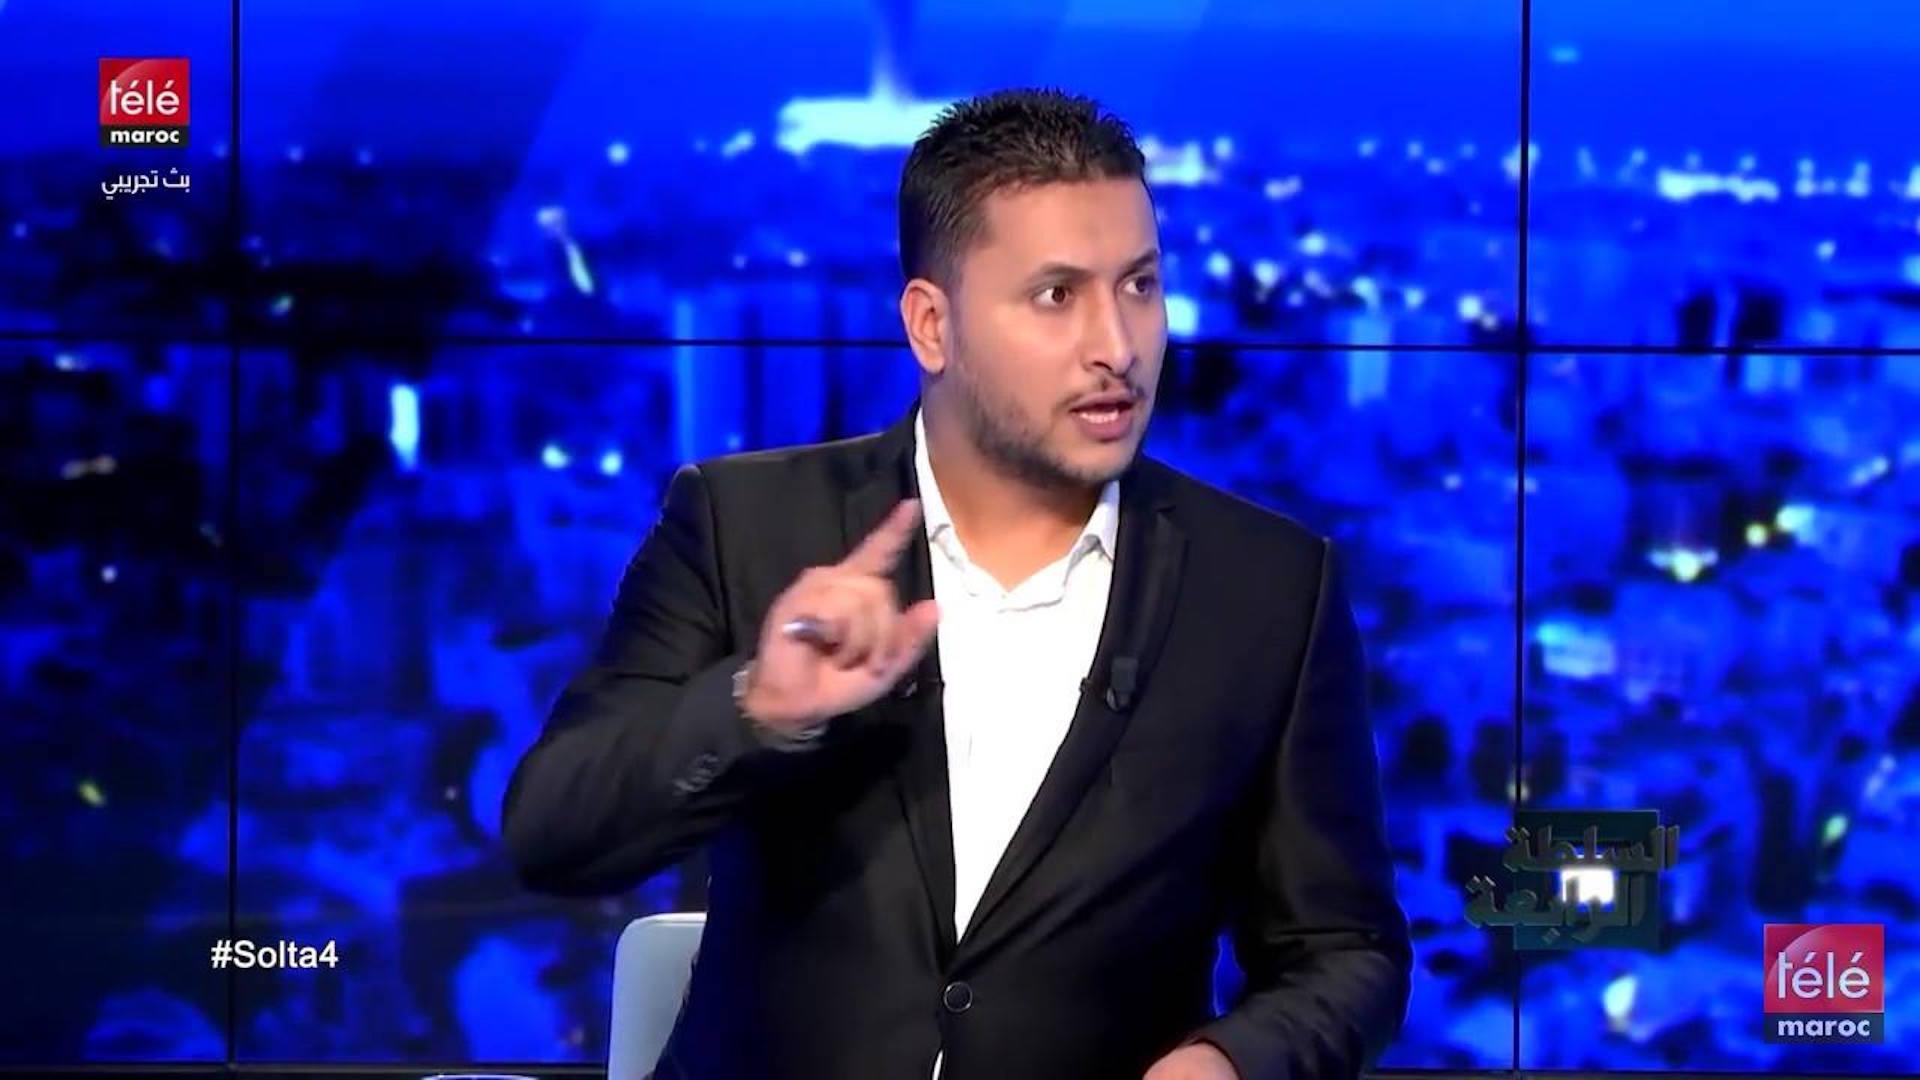 تردد قناة tele maroc الجديدة على النايل سات